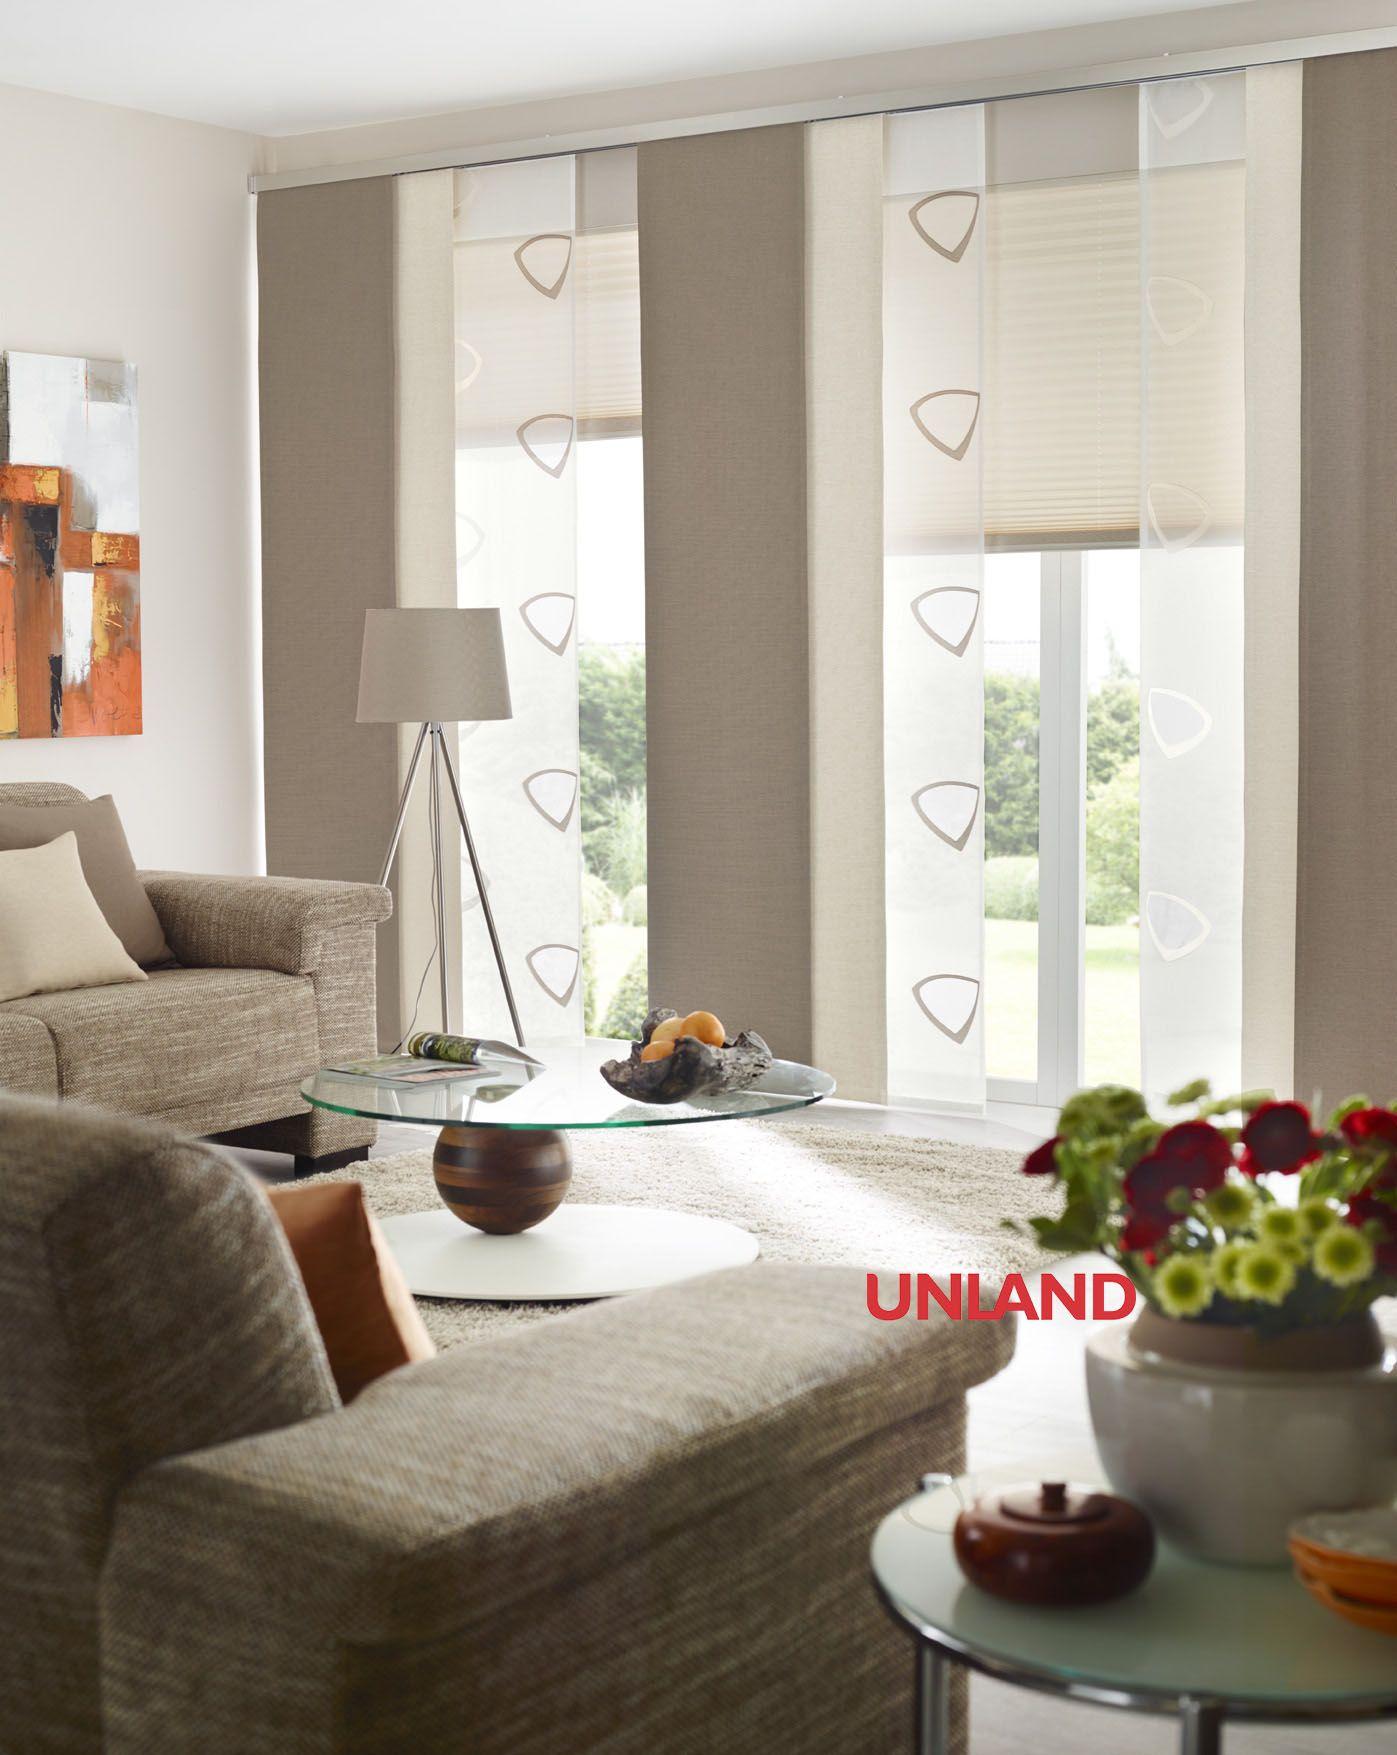 Unland Urbansteel Fensterideen Vorhang Gardinen Und Sonnenschutz Curtains Cont Gardinen Wohnzimmer Modern Scheibengardinen Wohnzimmer Gardinen Wohnzimmer